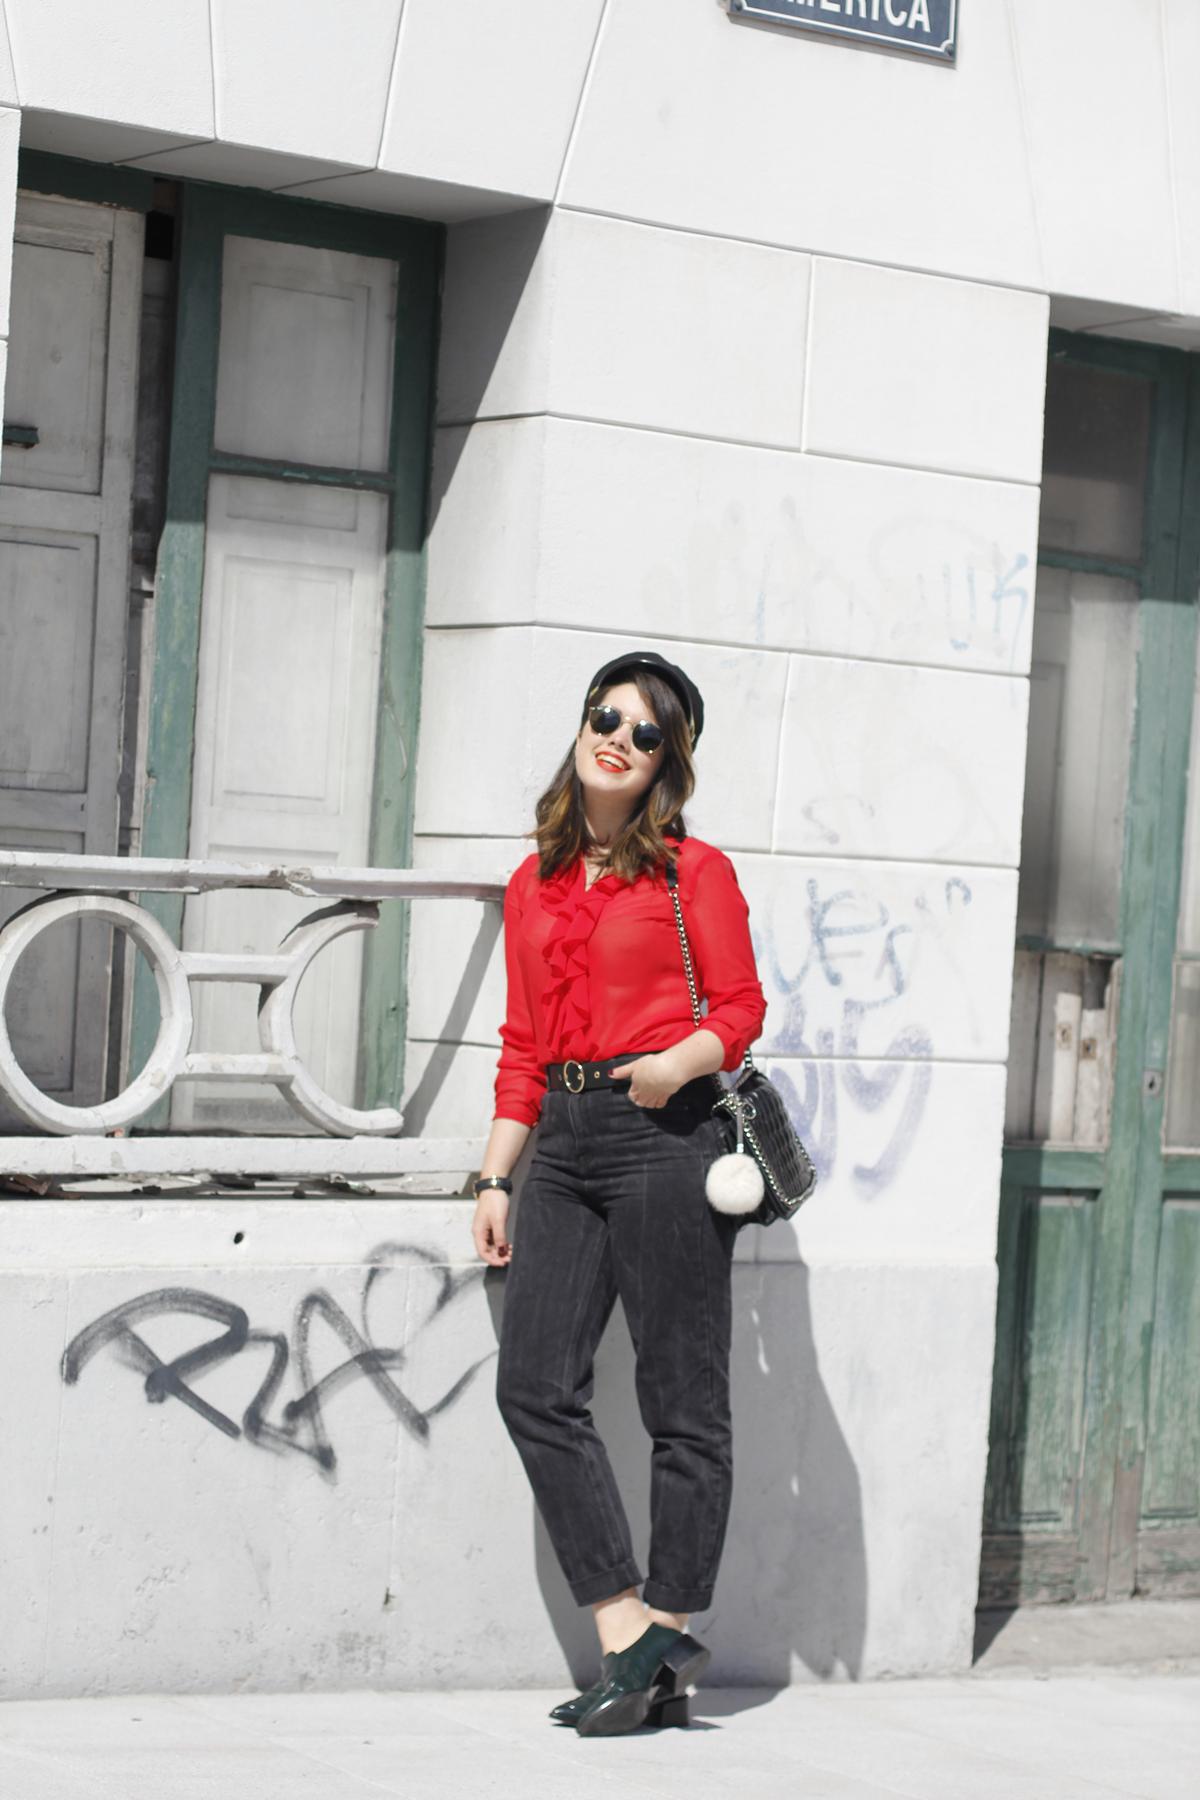 Blusa roja la pipa de la paz confeccionada en galicia con mom jeans y gafas redondas rayban streetstyle myblueberrynightsblog